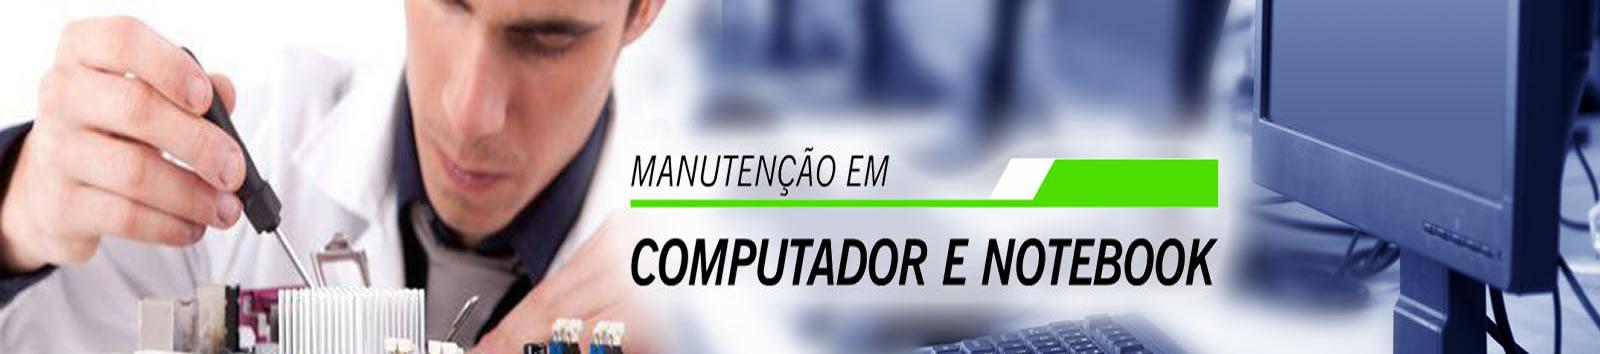 manutencao-de-computadores-banner-2